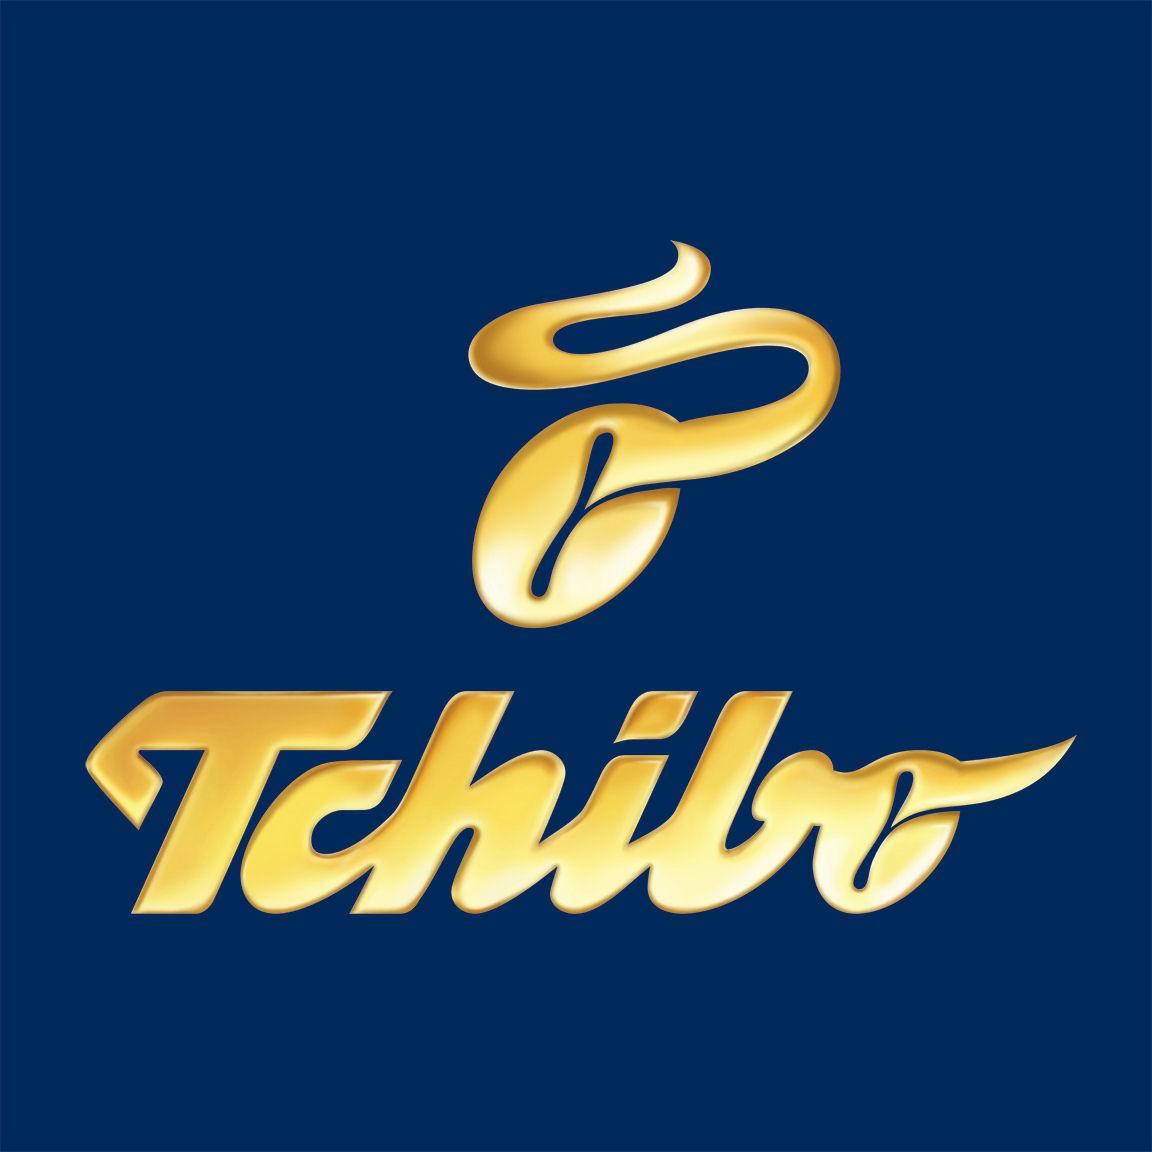 TchiboLogo.jpg